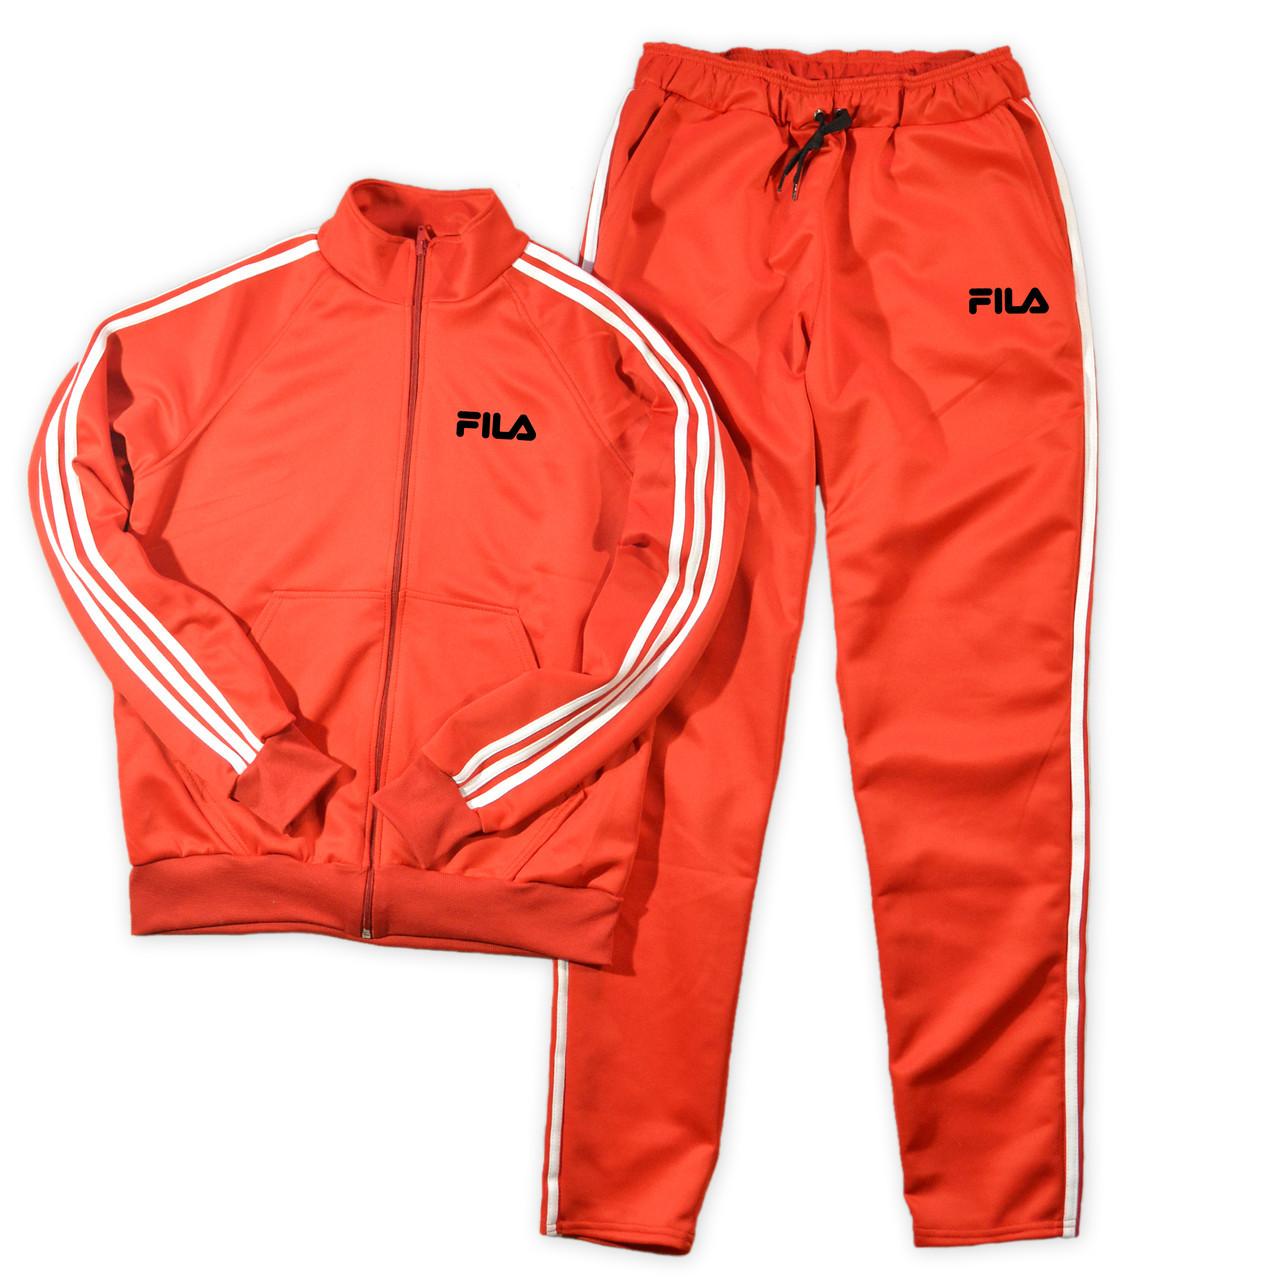 Тренировочный мужской спортивный костюм Fila (Фила)